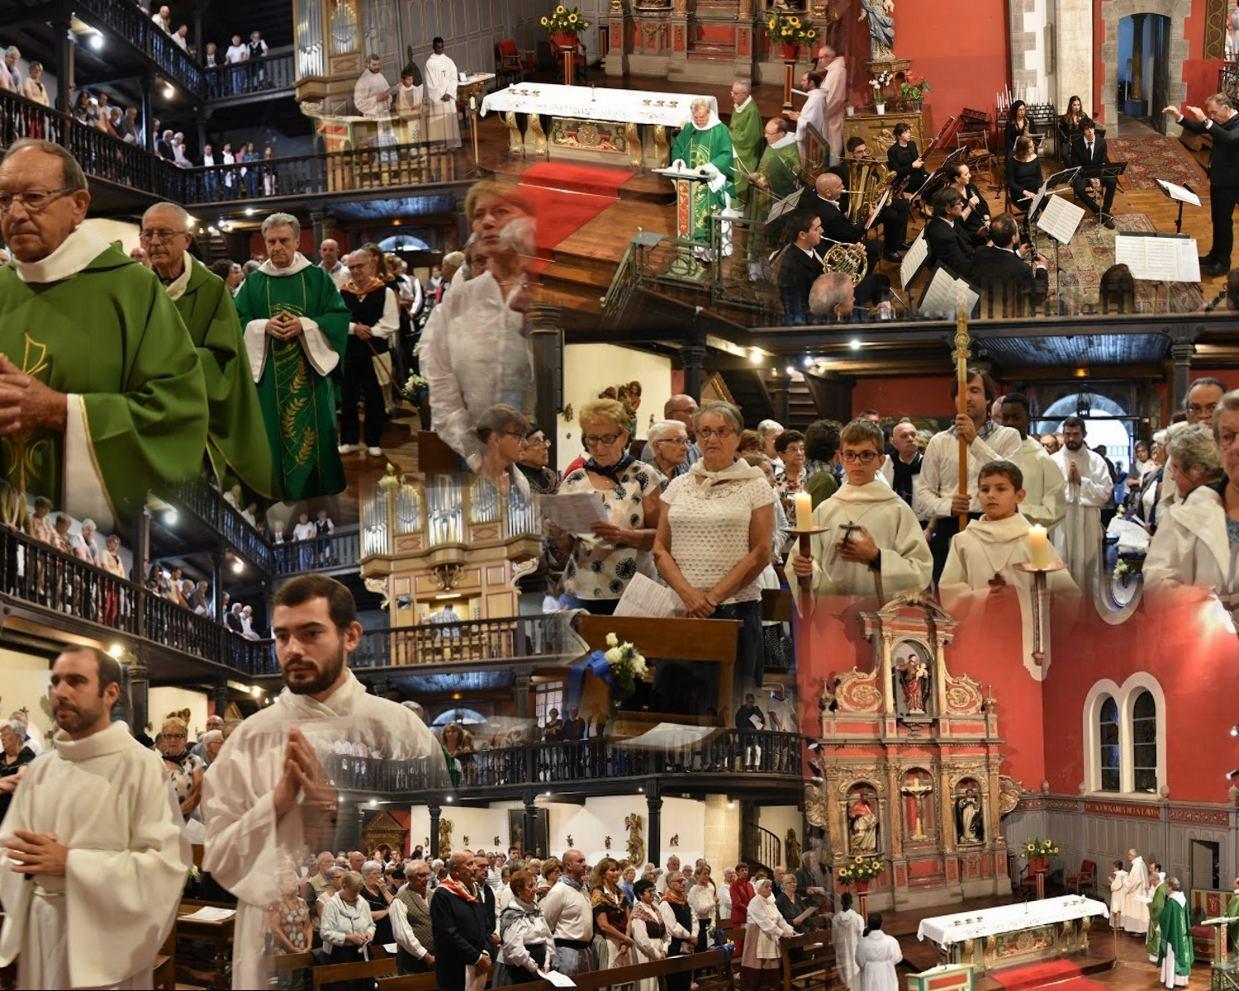 La procession d'entrée avec l'orchestre intercommunal d'harmonie jusqu'à la demande de pardon en regardant la Croix